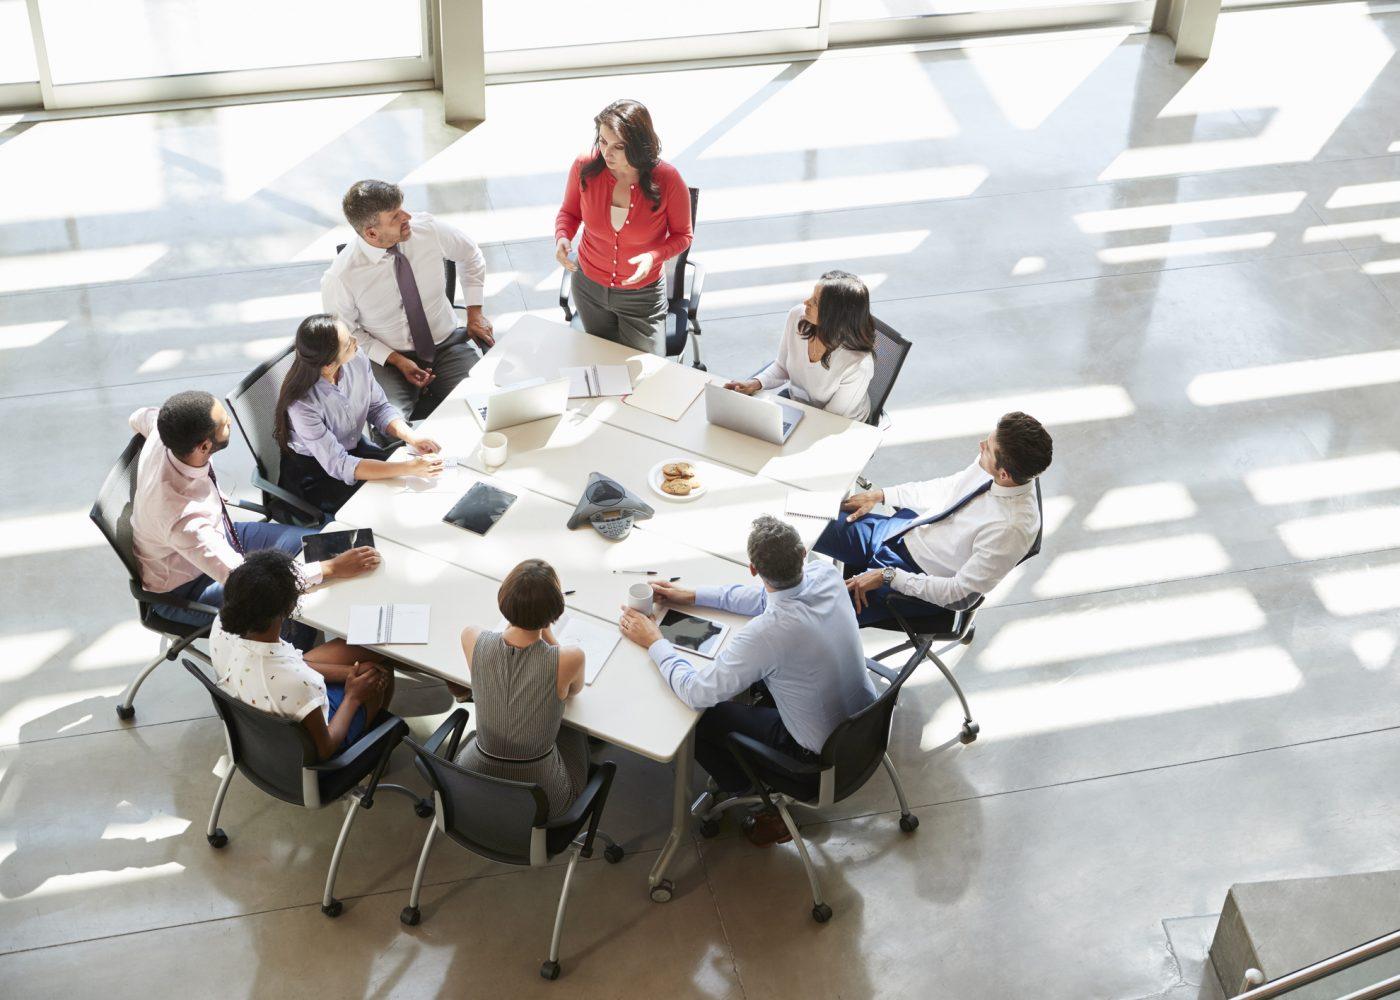 reunião de equipa